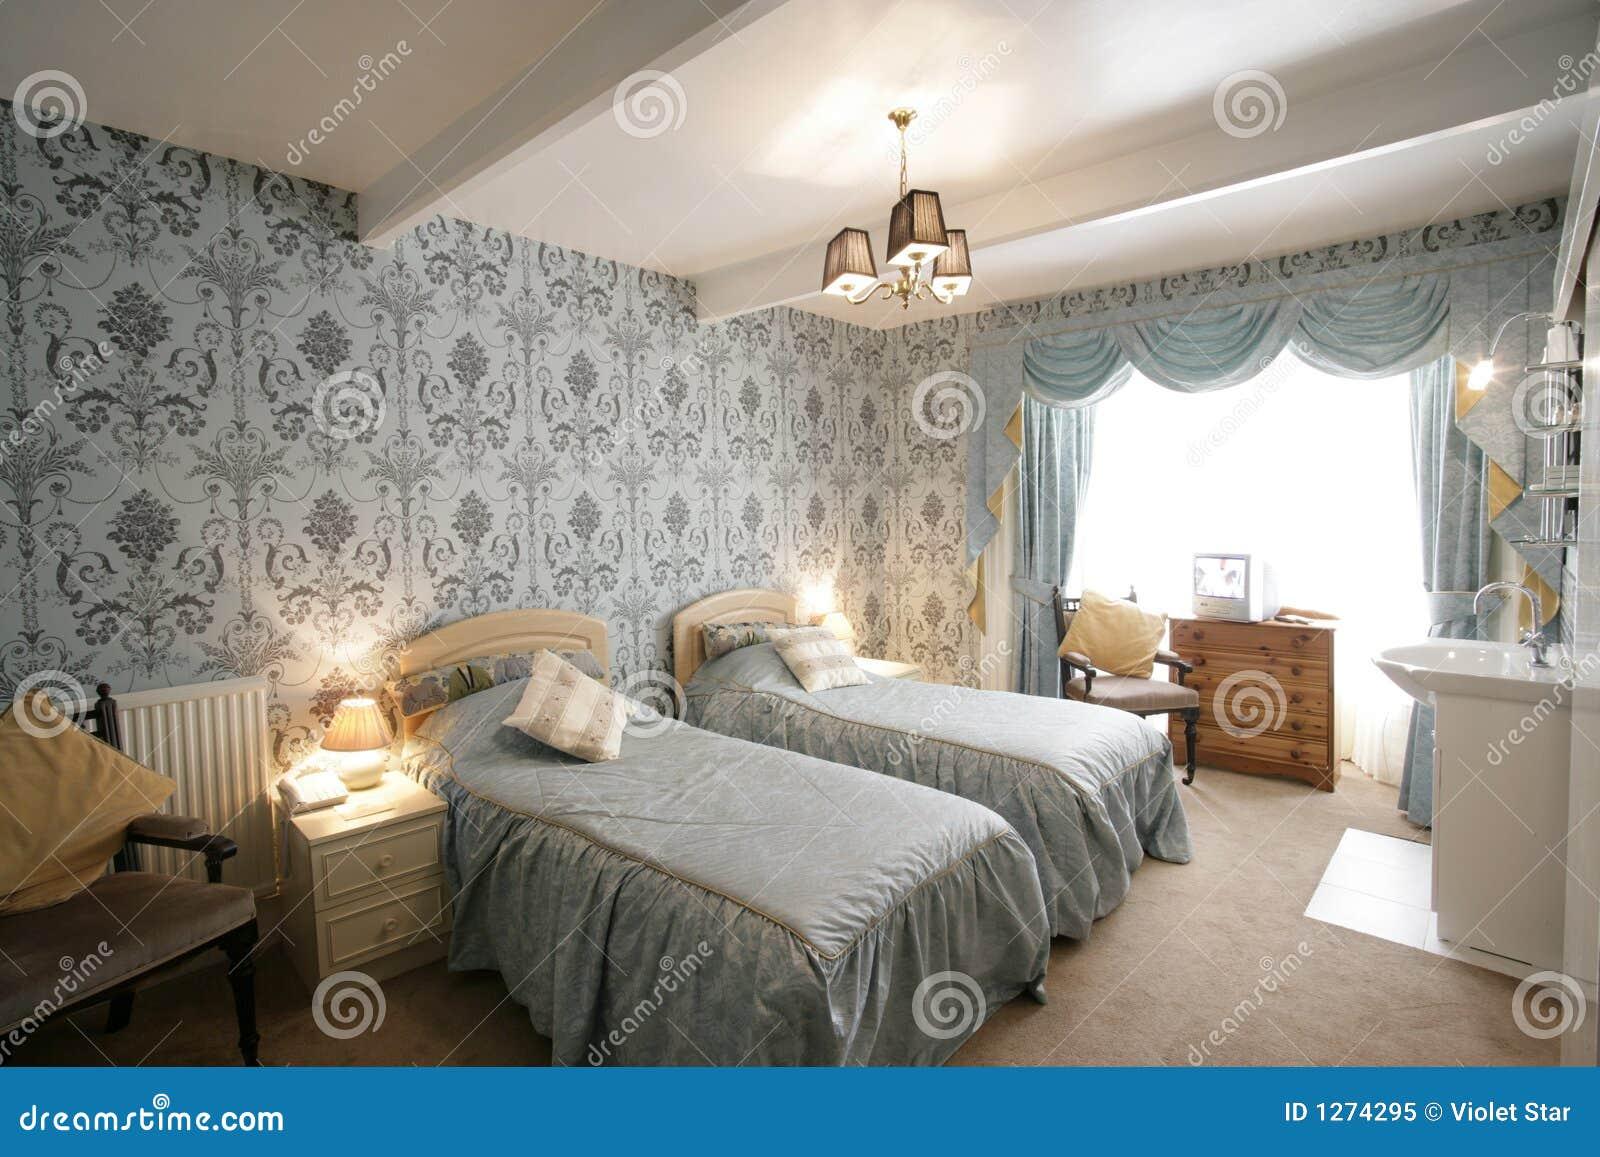 Artikelen Slaapkamer : tweeling slaapkamer : Tweeling Slaapkamer ...